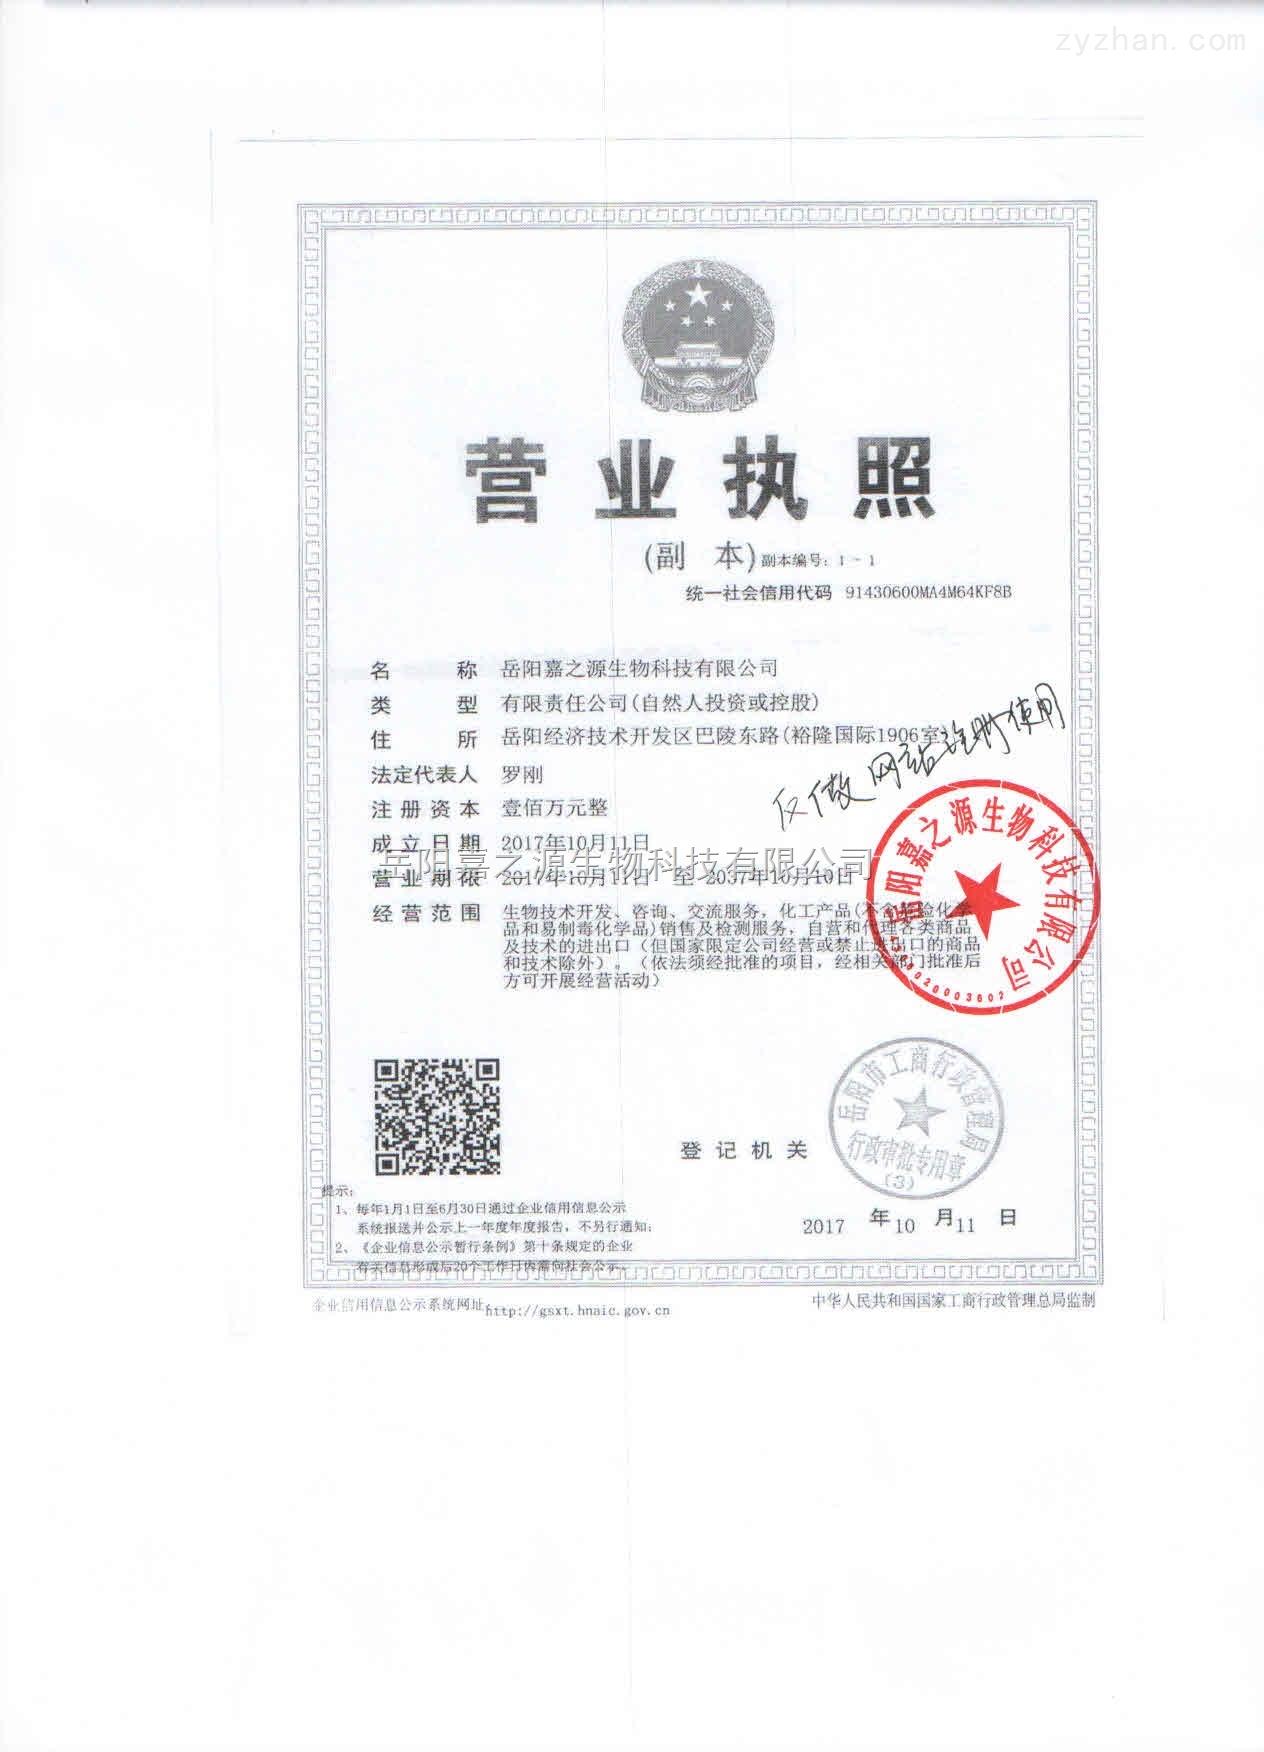 岳阳嘉之源生物科技有限公司